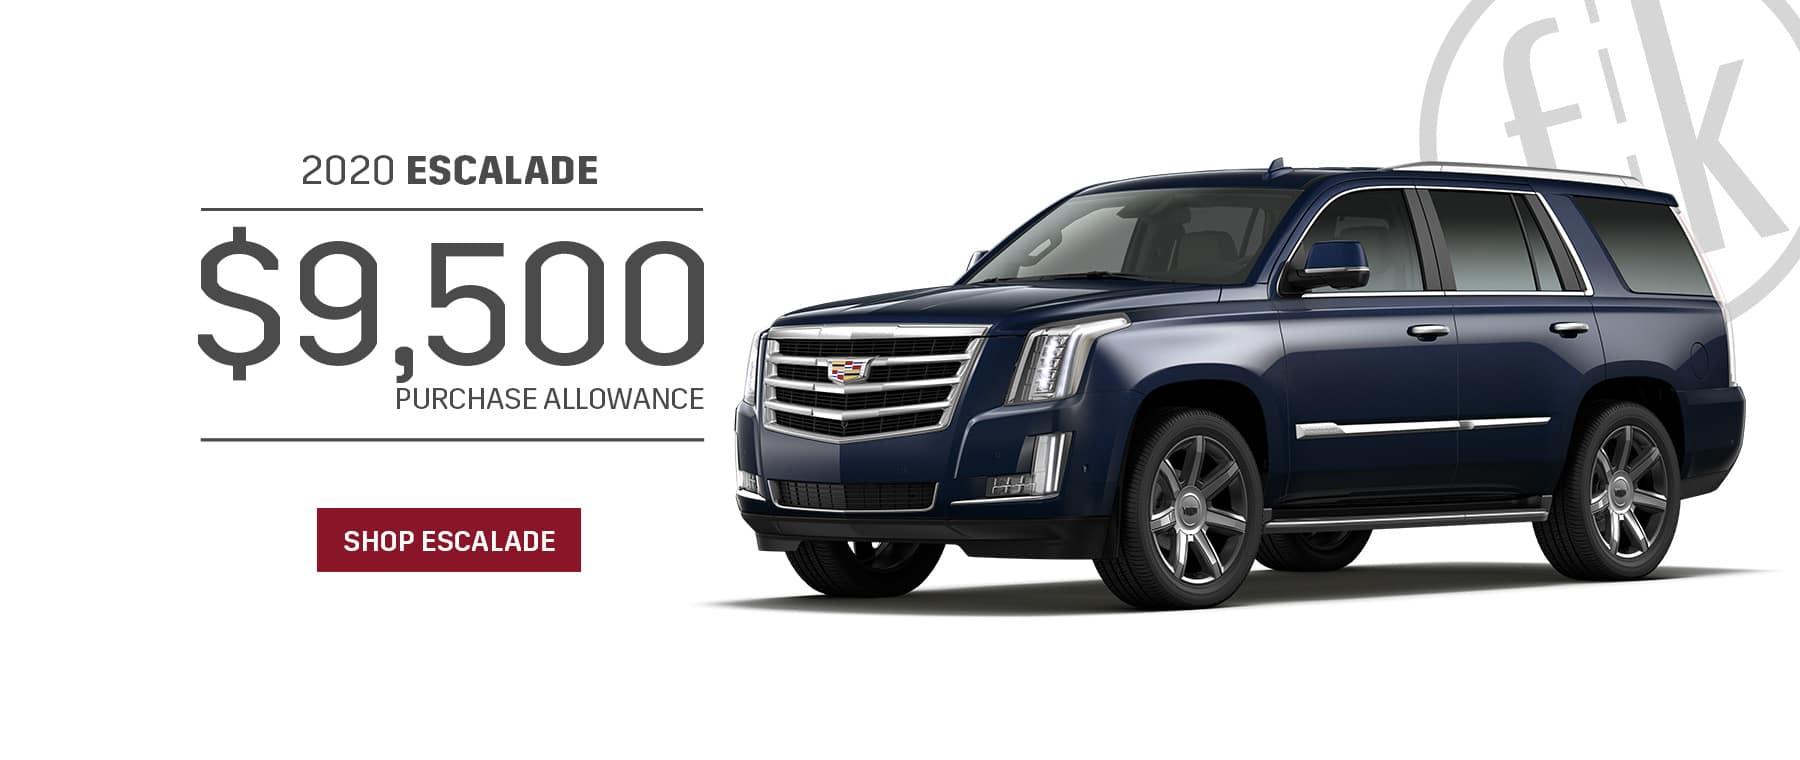 $9,500 Purchase Allowance 2020 Escalade